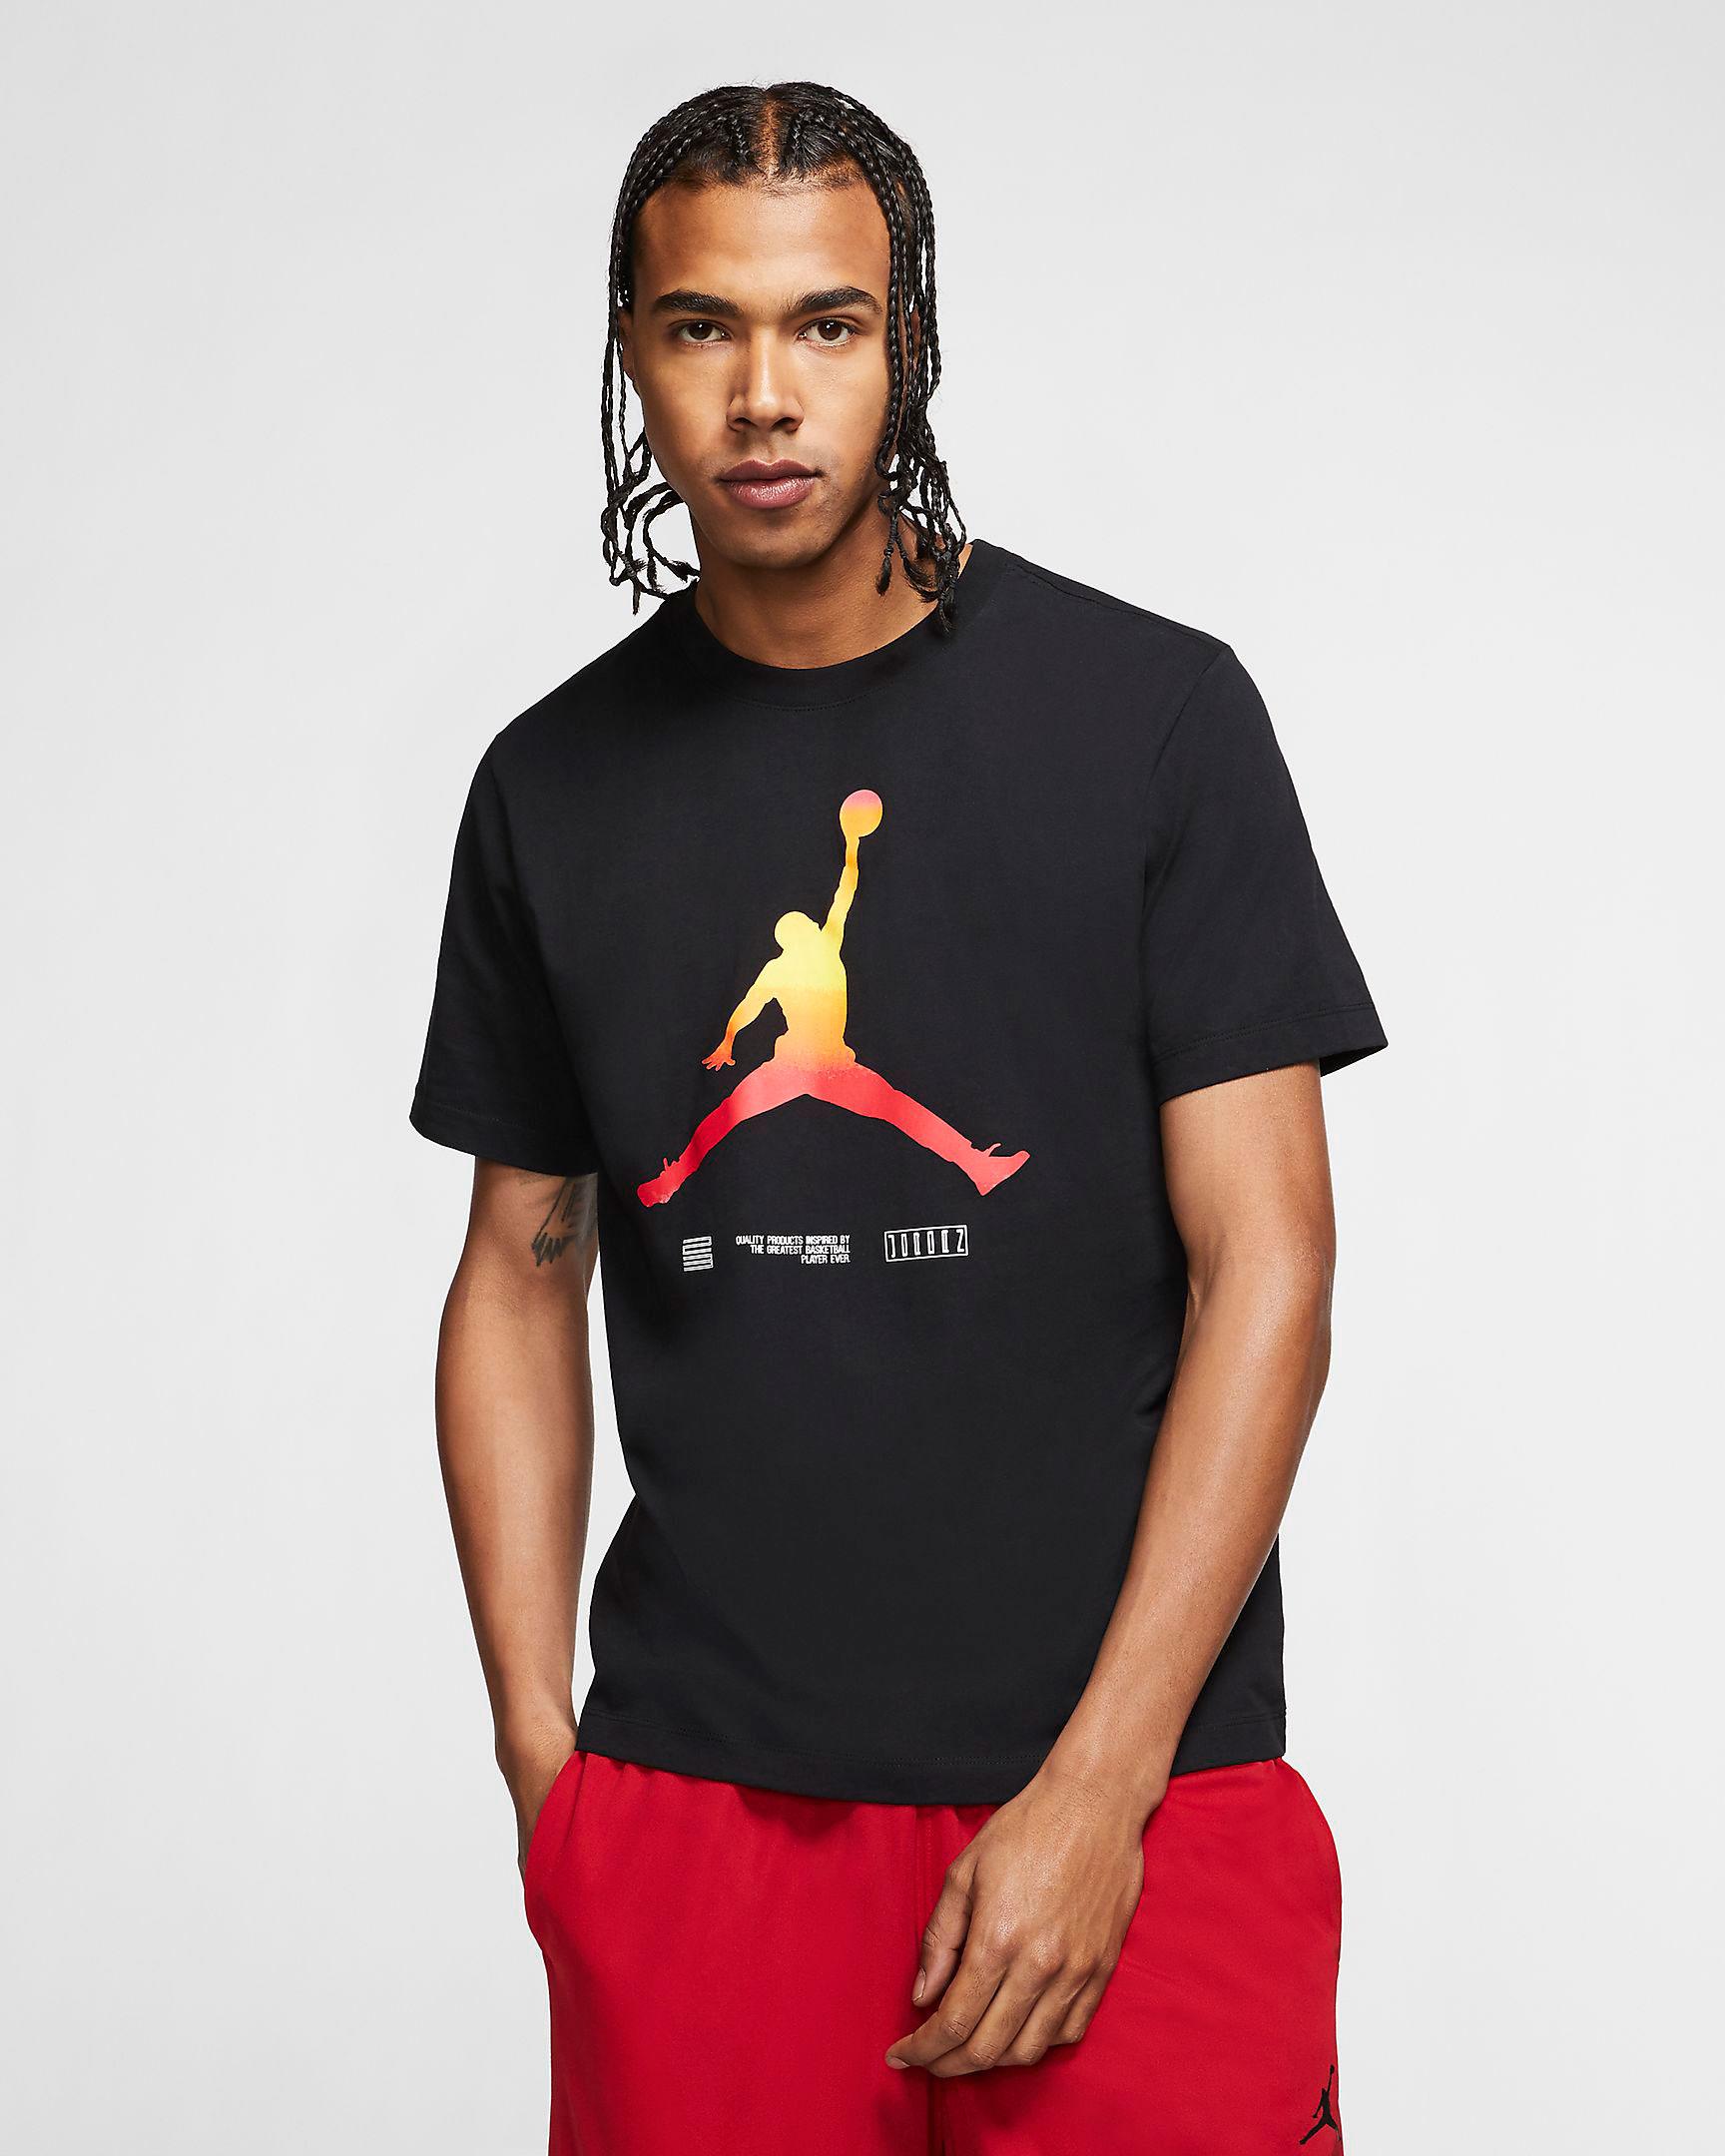 jordan-3-laser-orange-mens-shirt-match-3